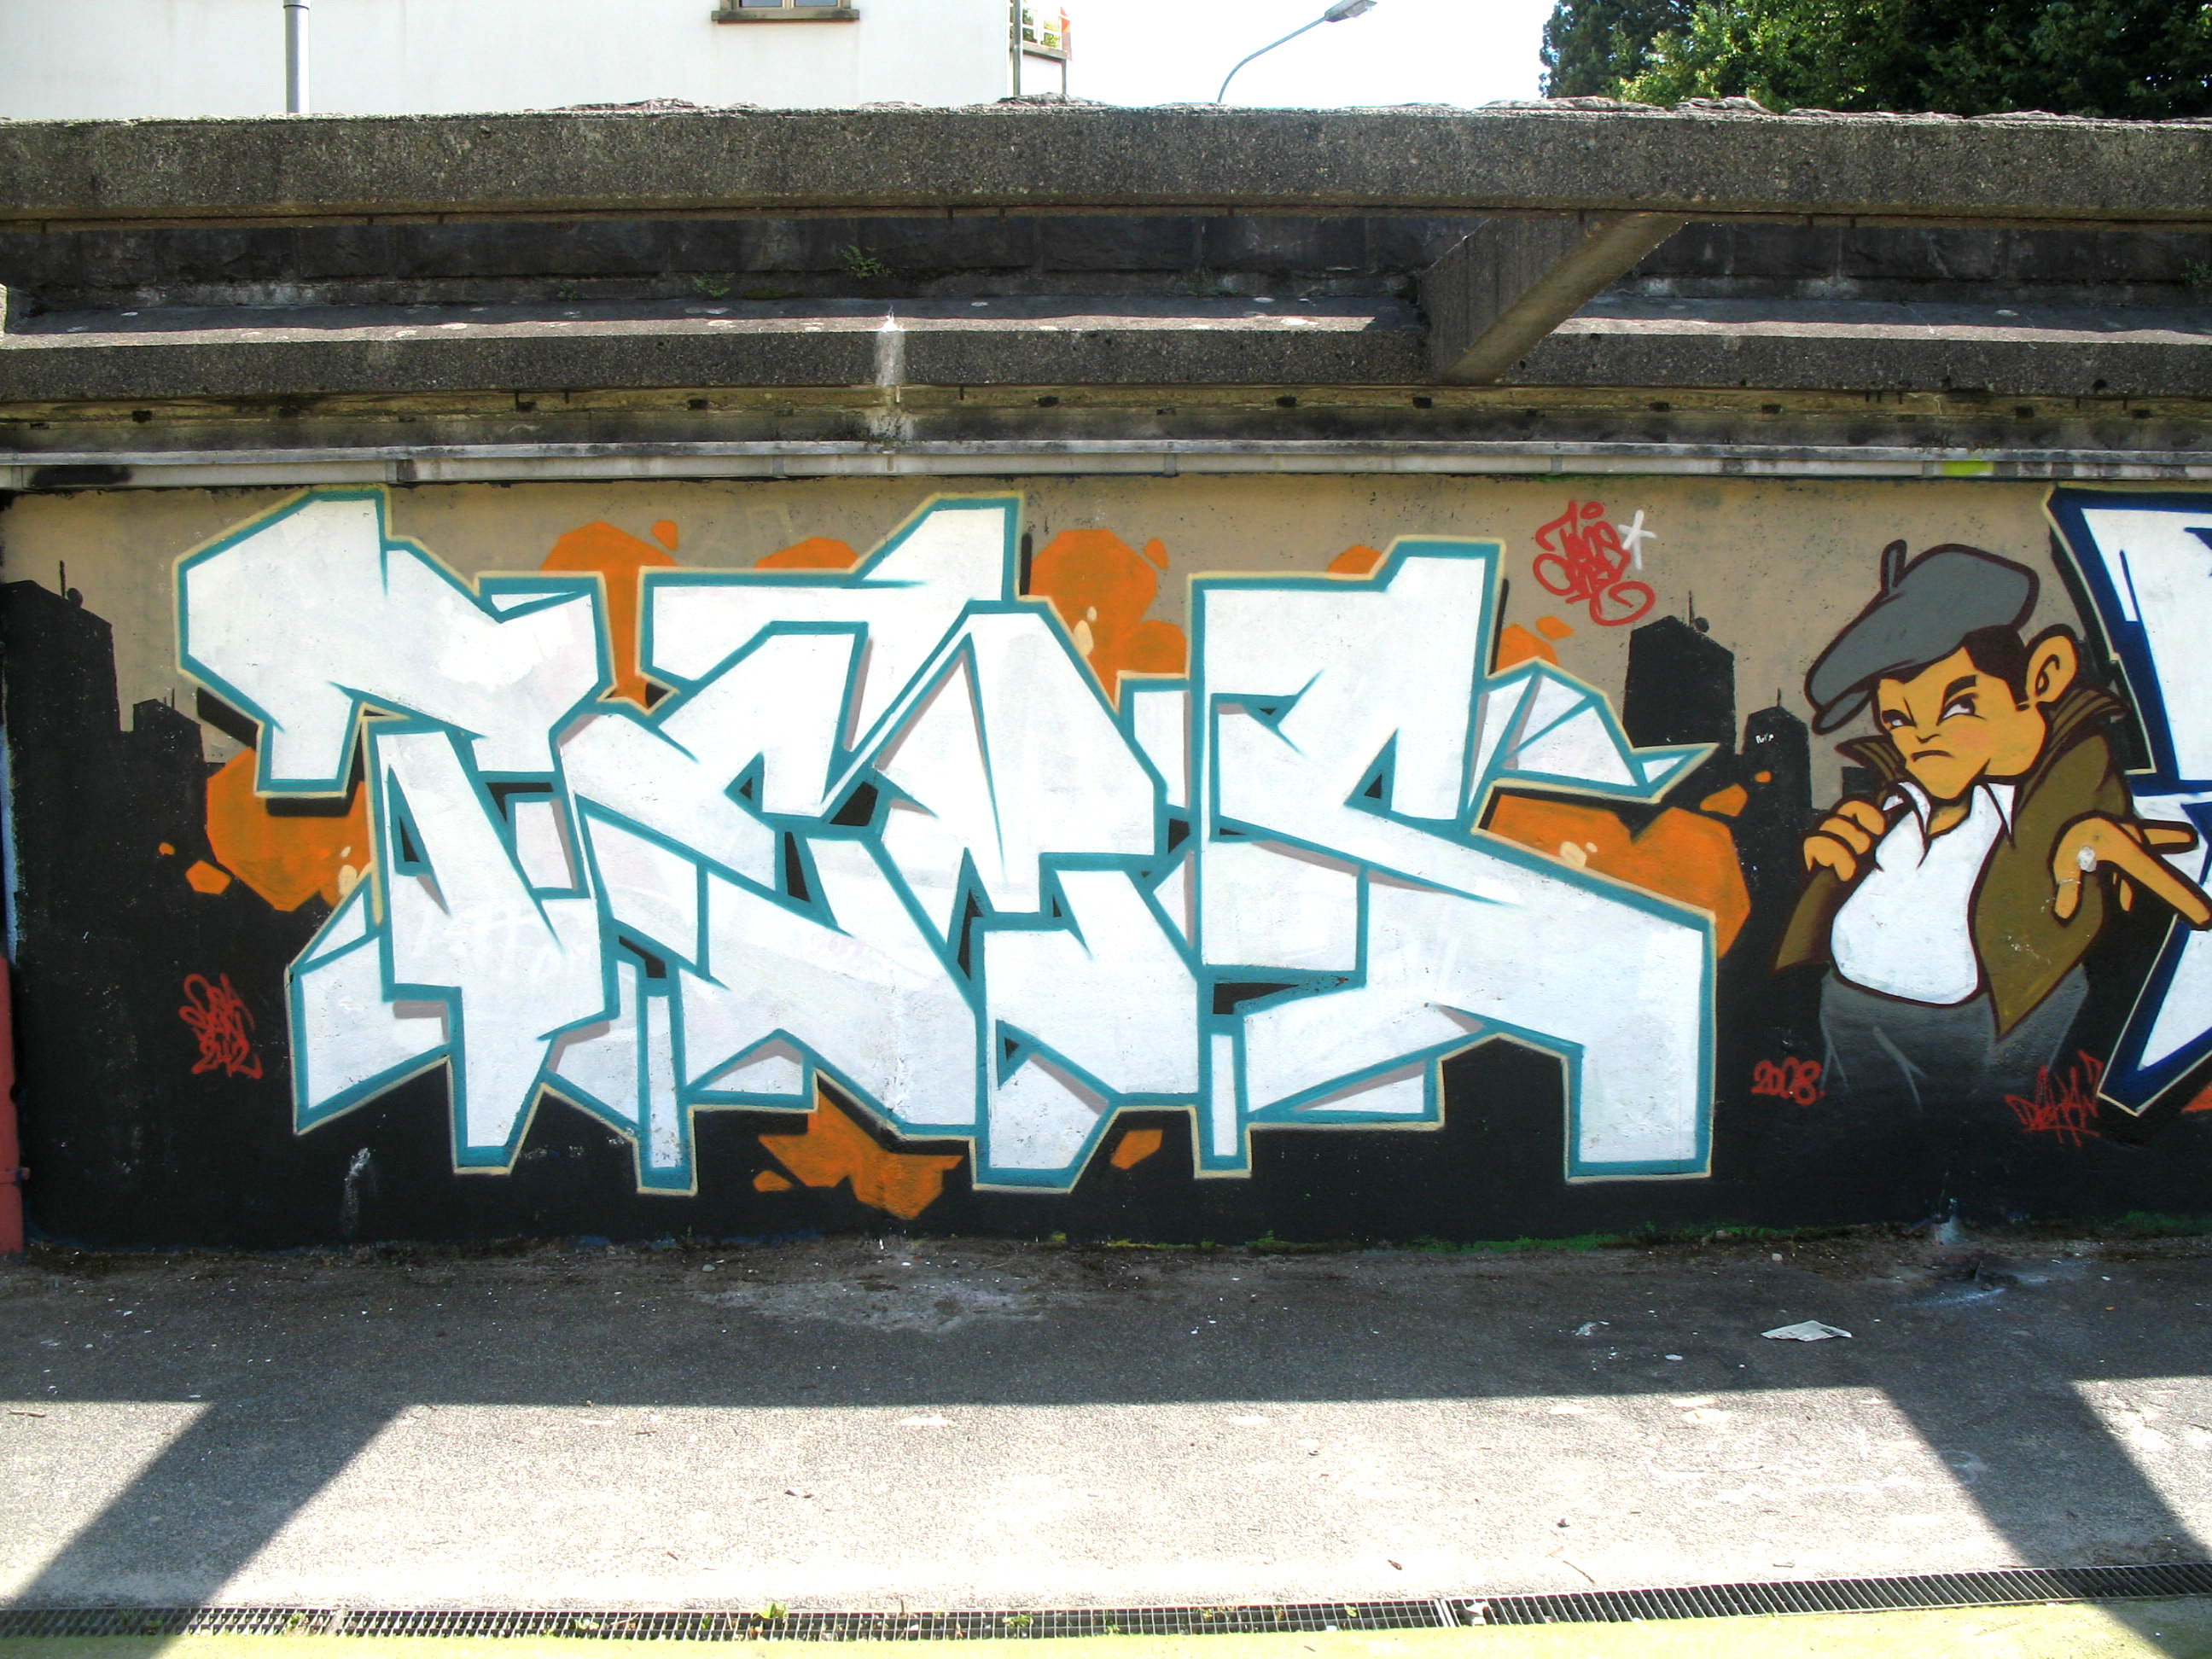 Quand Le Graffiti Et L'archéologie Ne Forment Plus Qu'un à Graffiti Romain